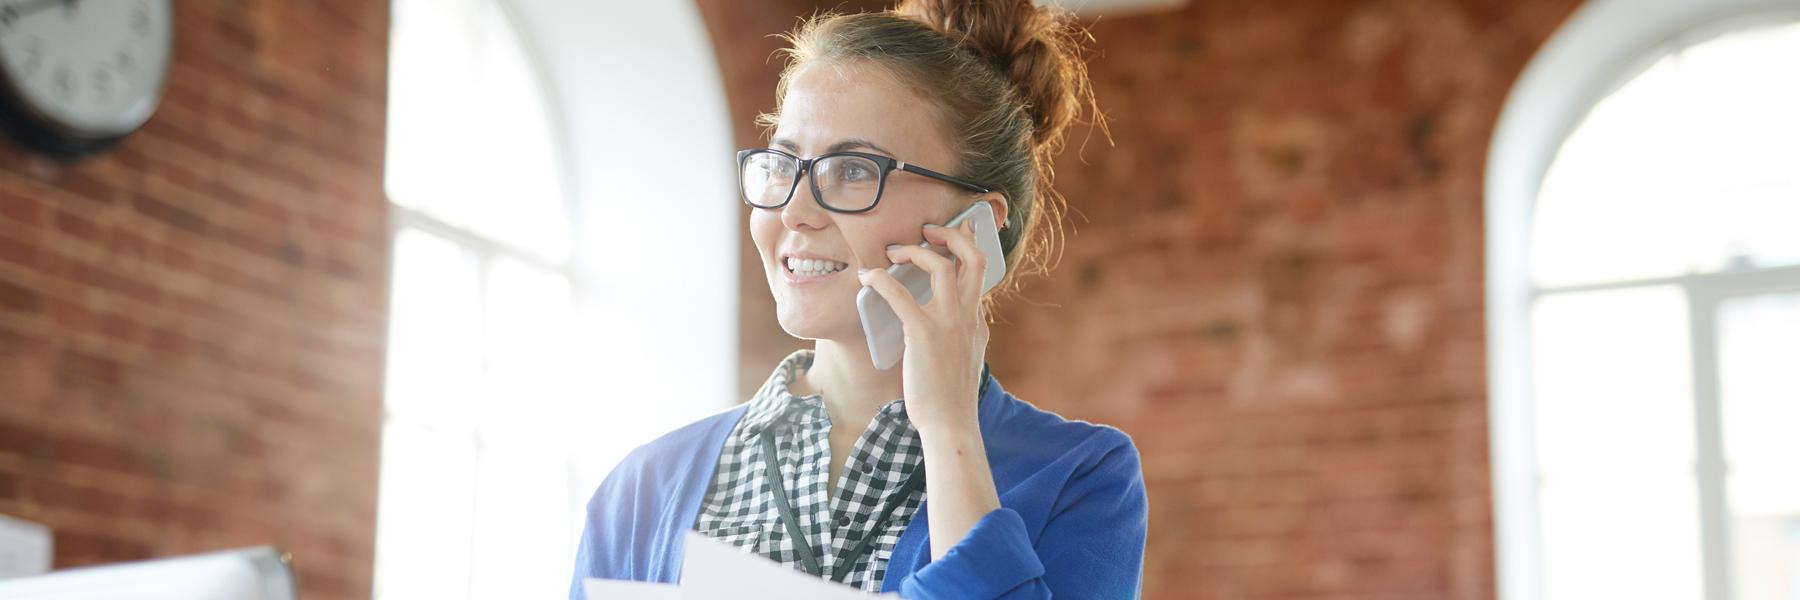 Das Bild zeigt eine junge Frau mit Brille, die mit dem Handy telefoniert.